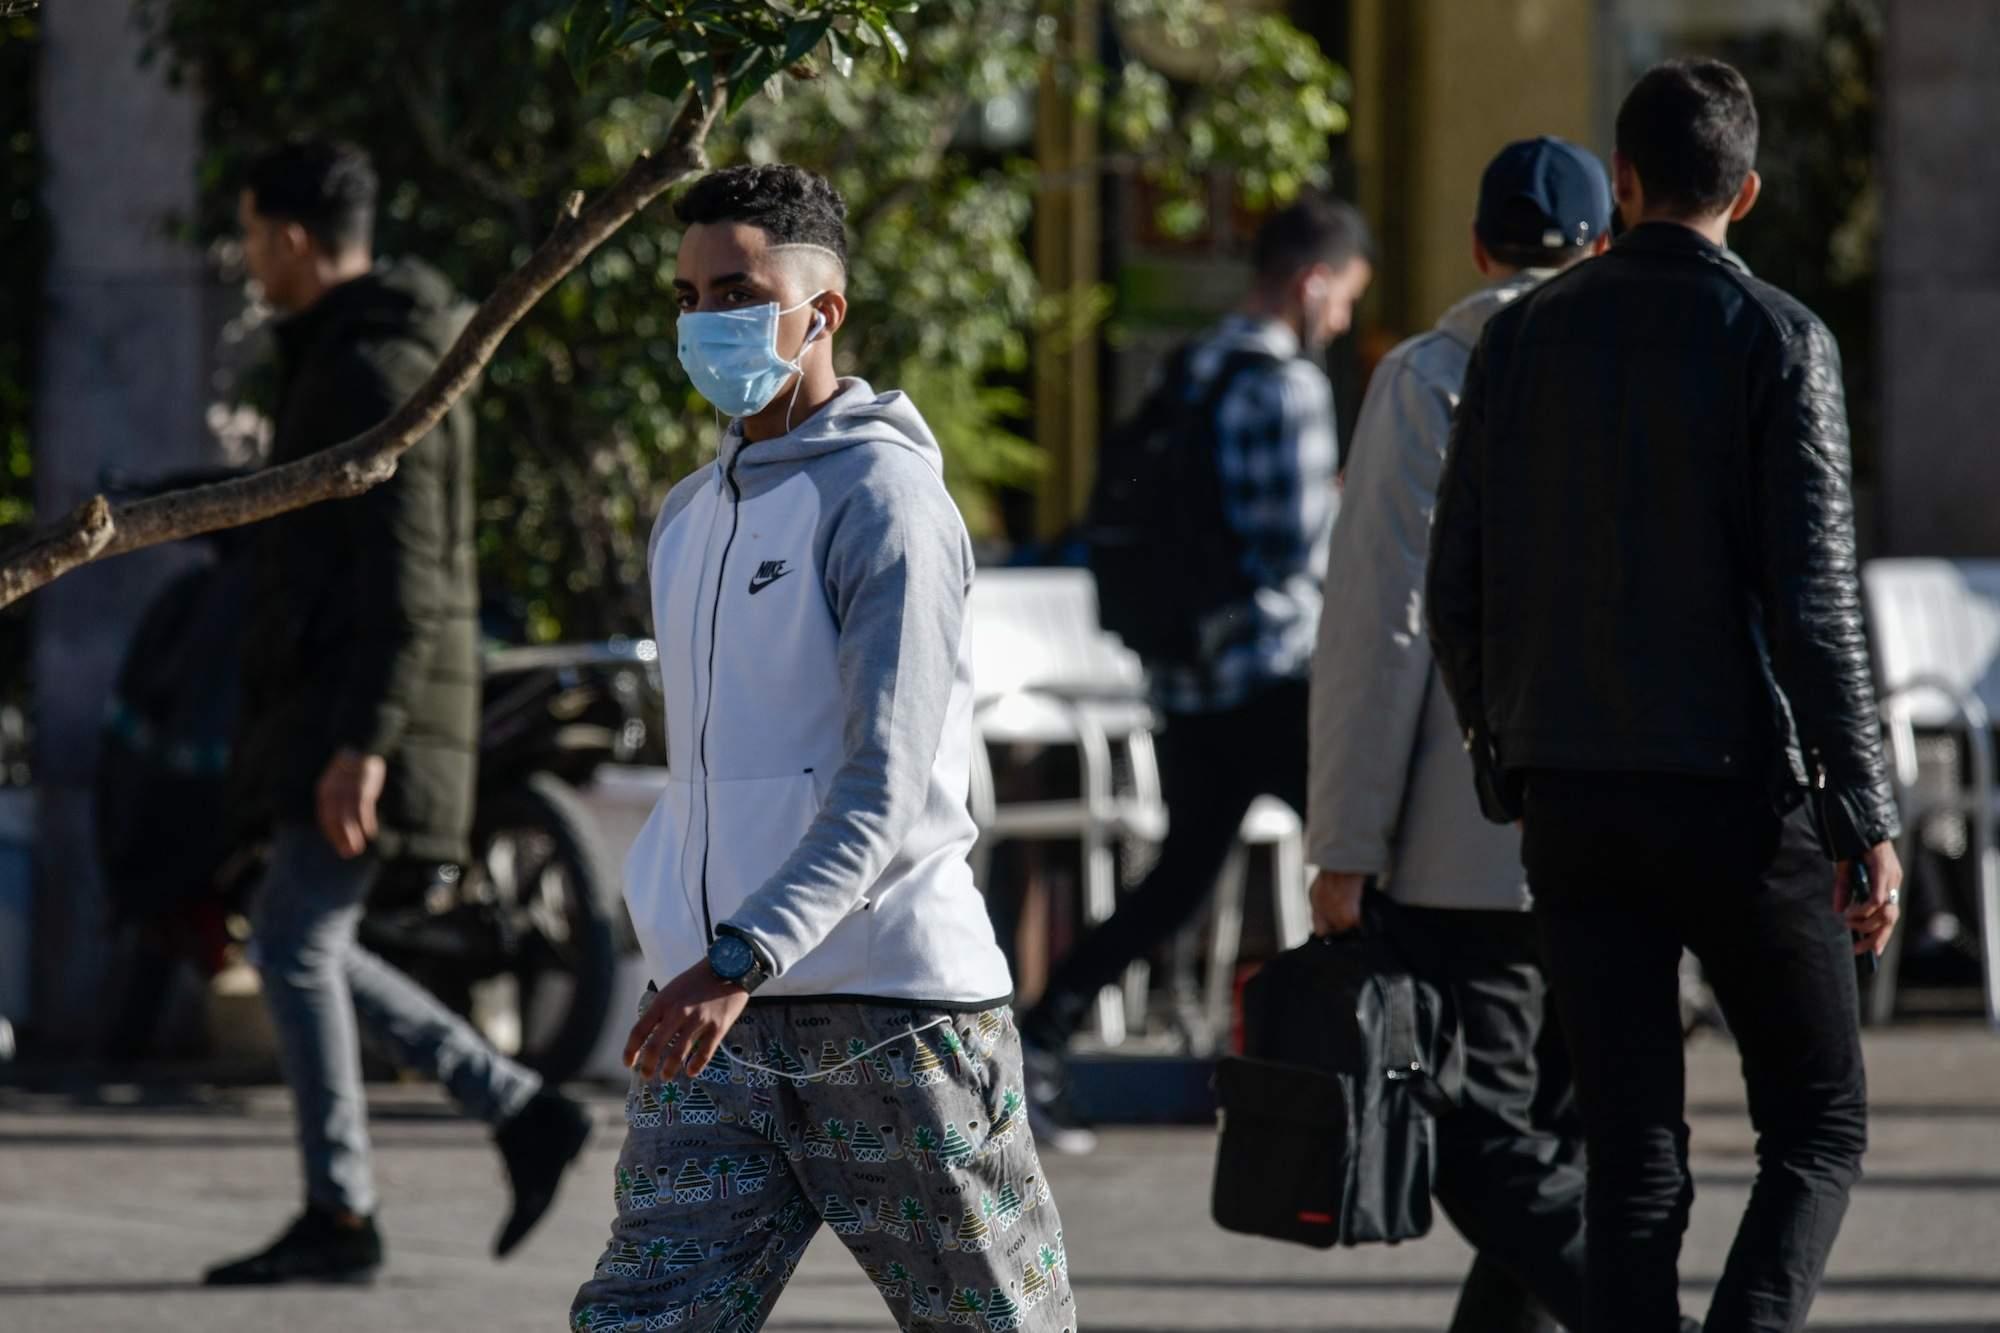 إعادة فرض تدابير العزل في مدينة طنجة المغربية جراء بؤر لكوفيد-19